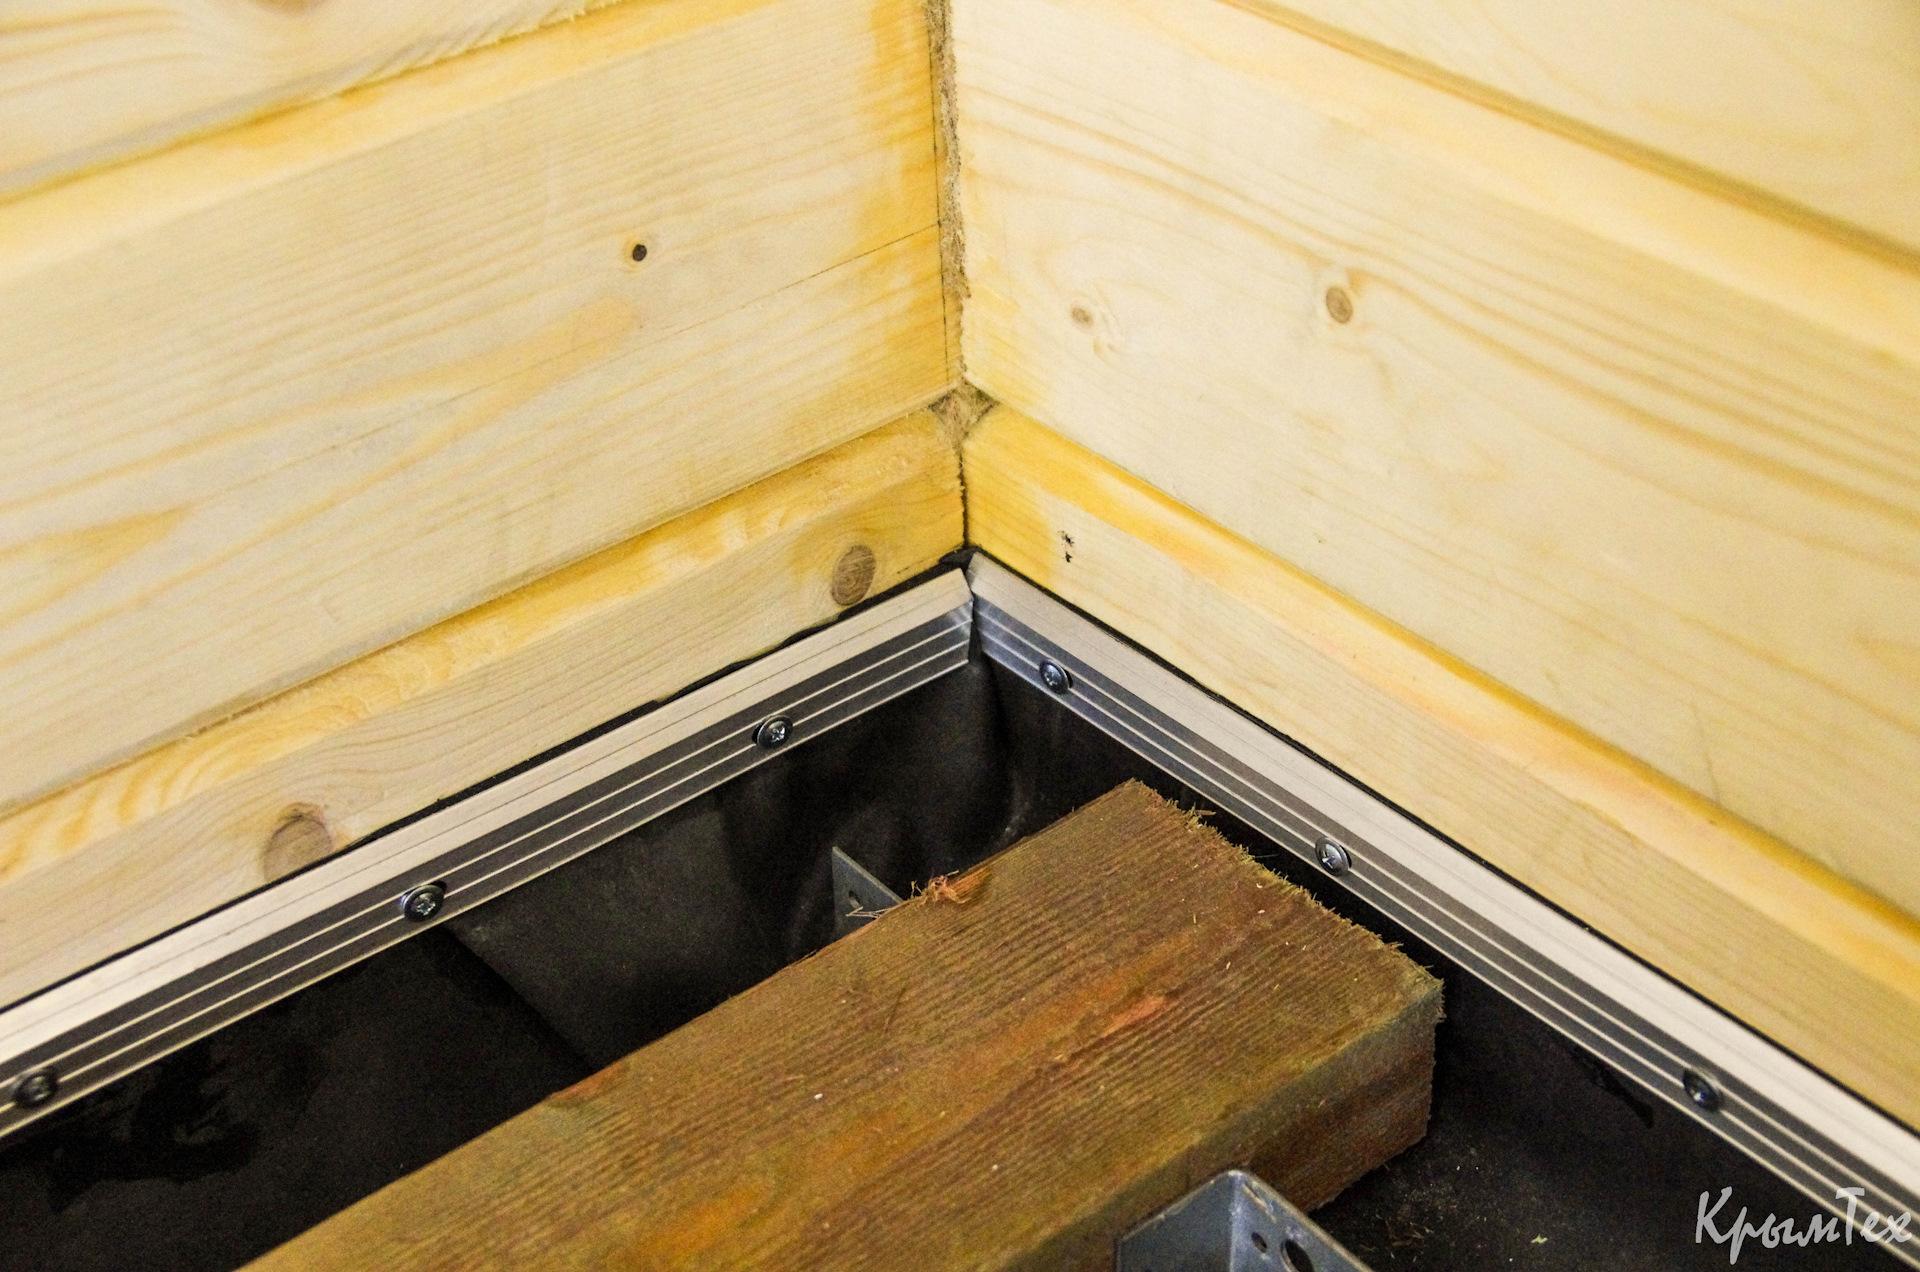 Пол в бане на сваях: как сделать устройство пола на винтовых сваях, фото и видео